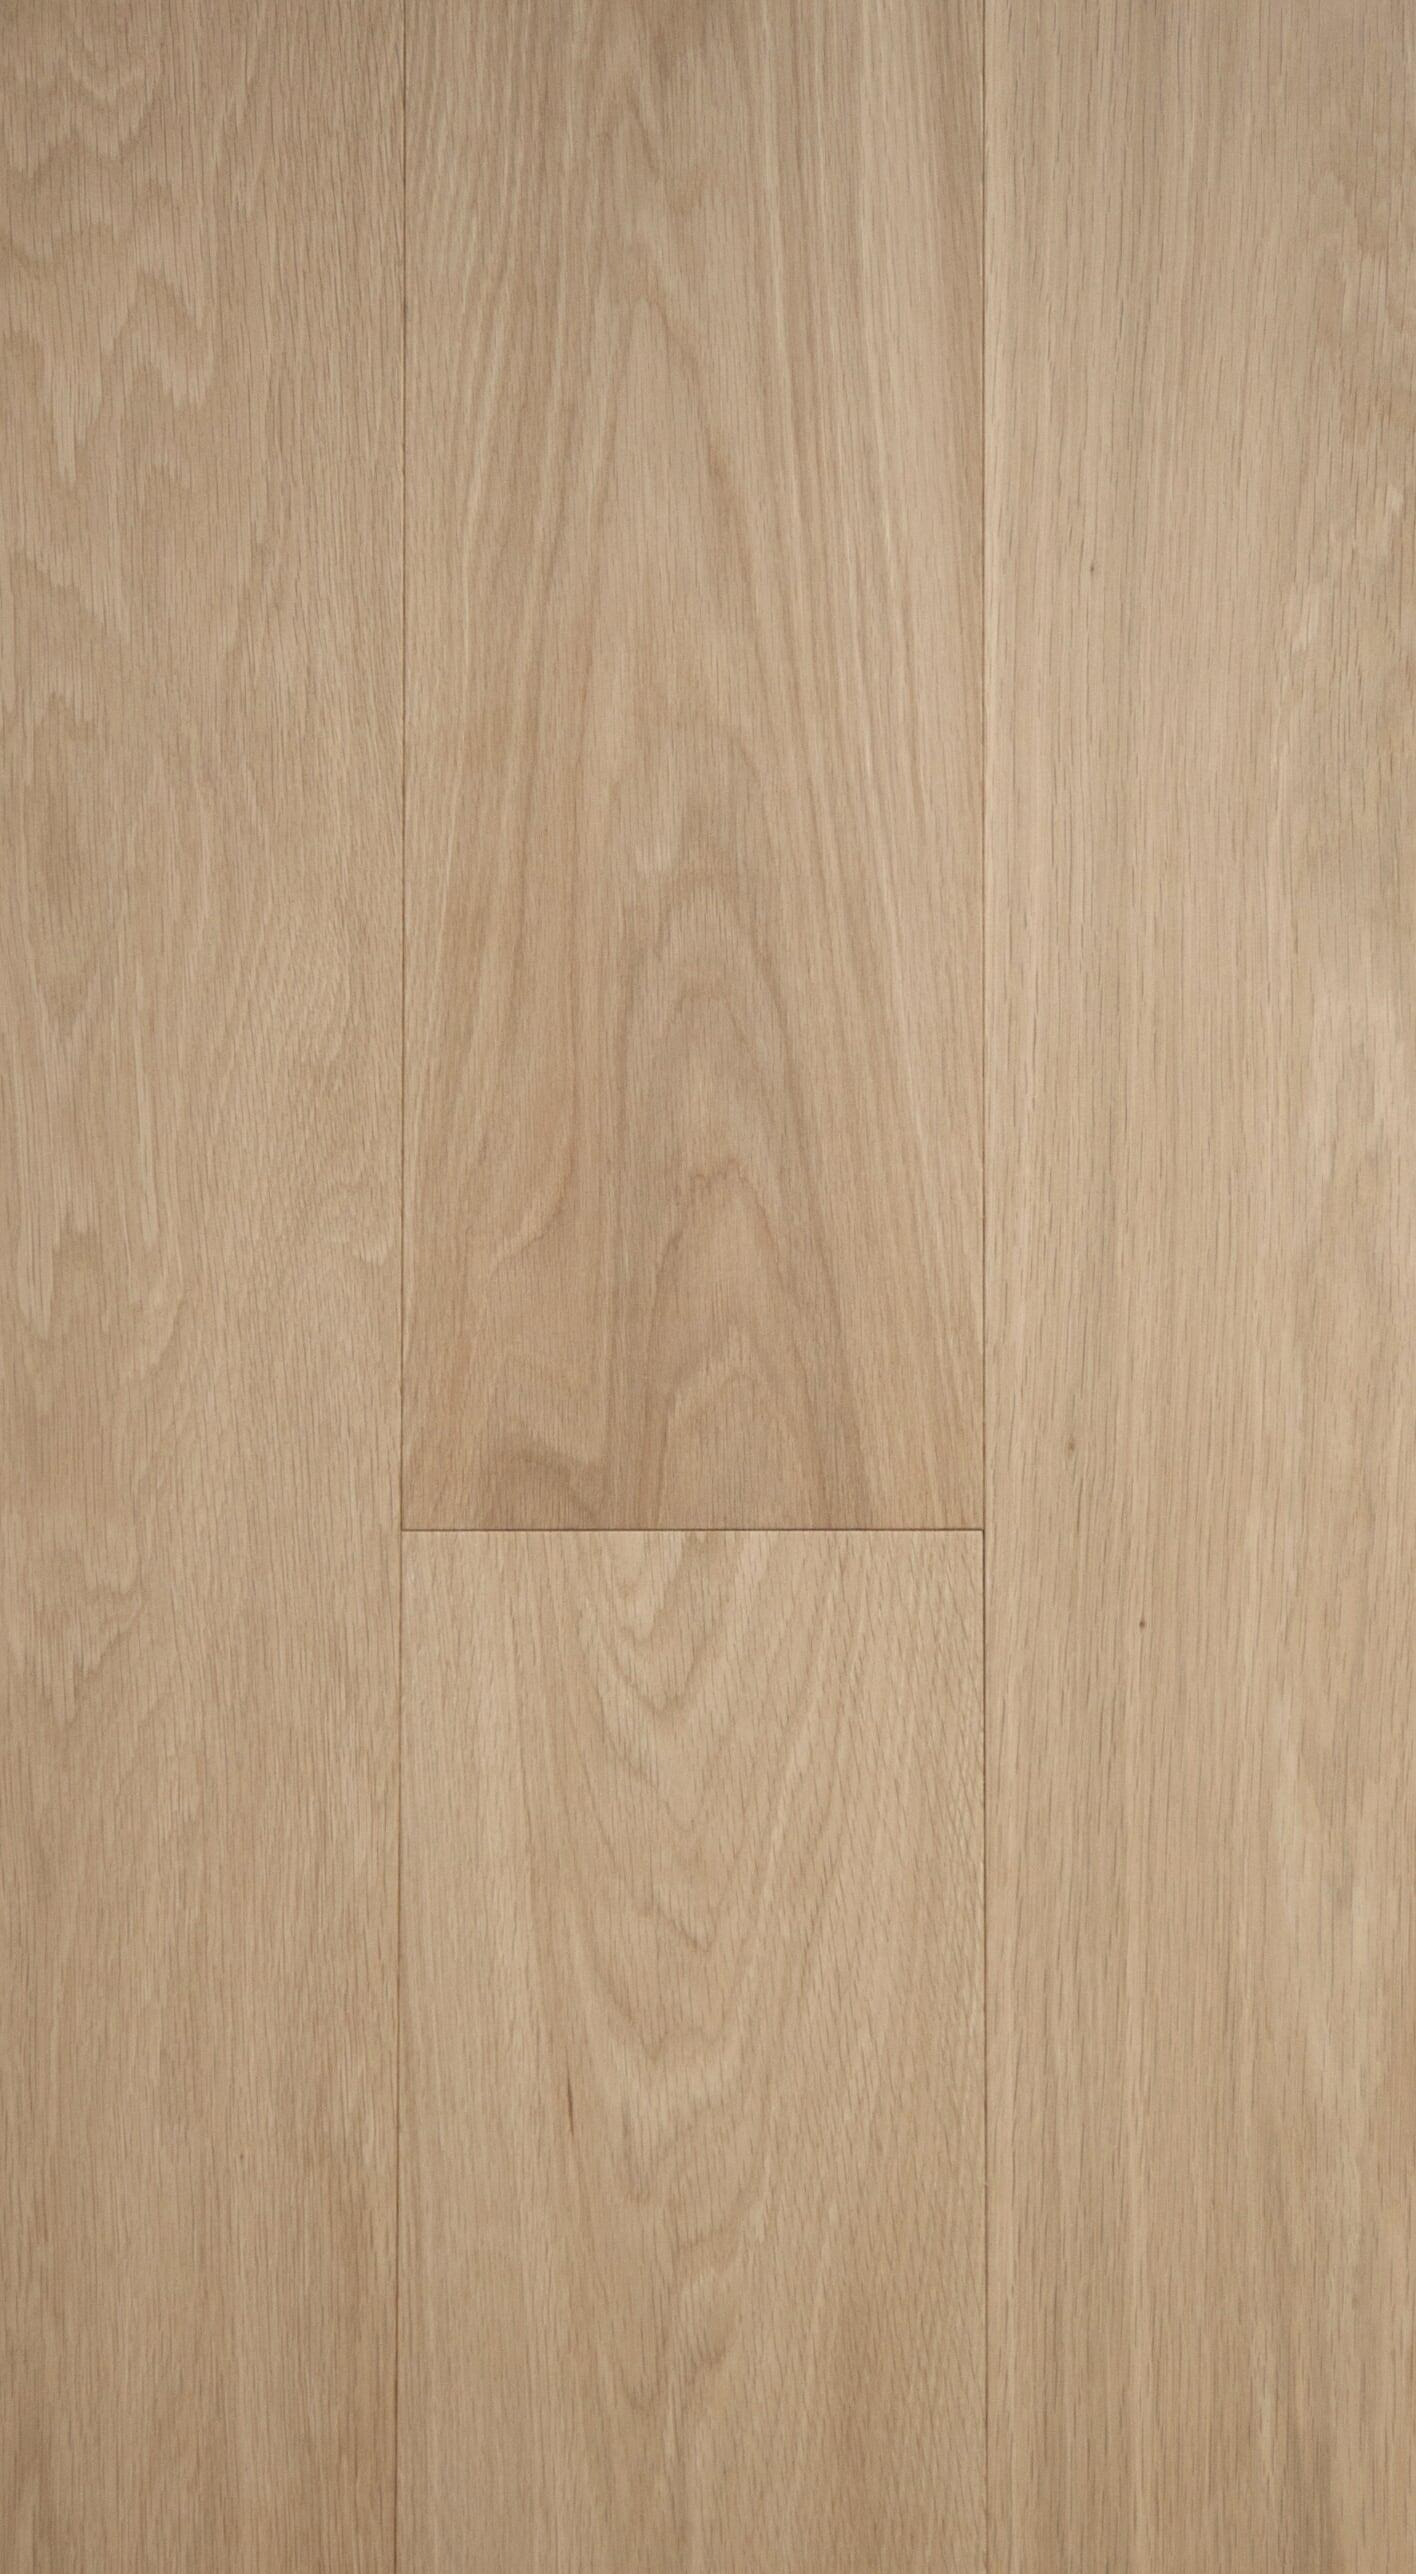 Fine Engineered Oak Wood Flooring Unfinished Charlecotes